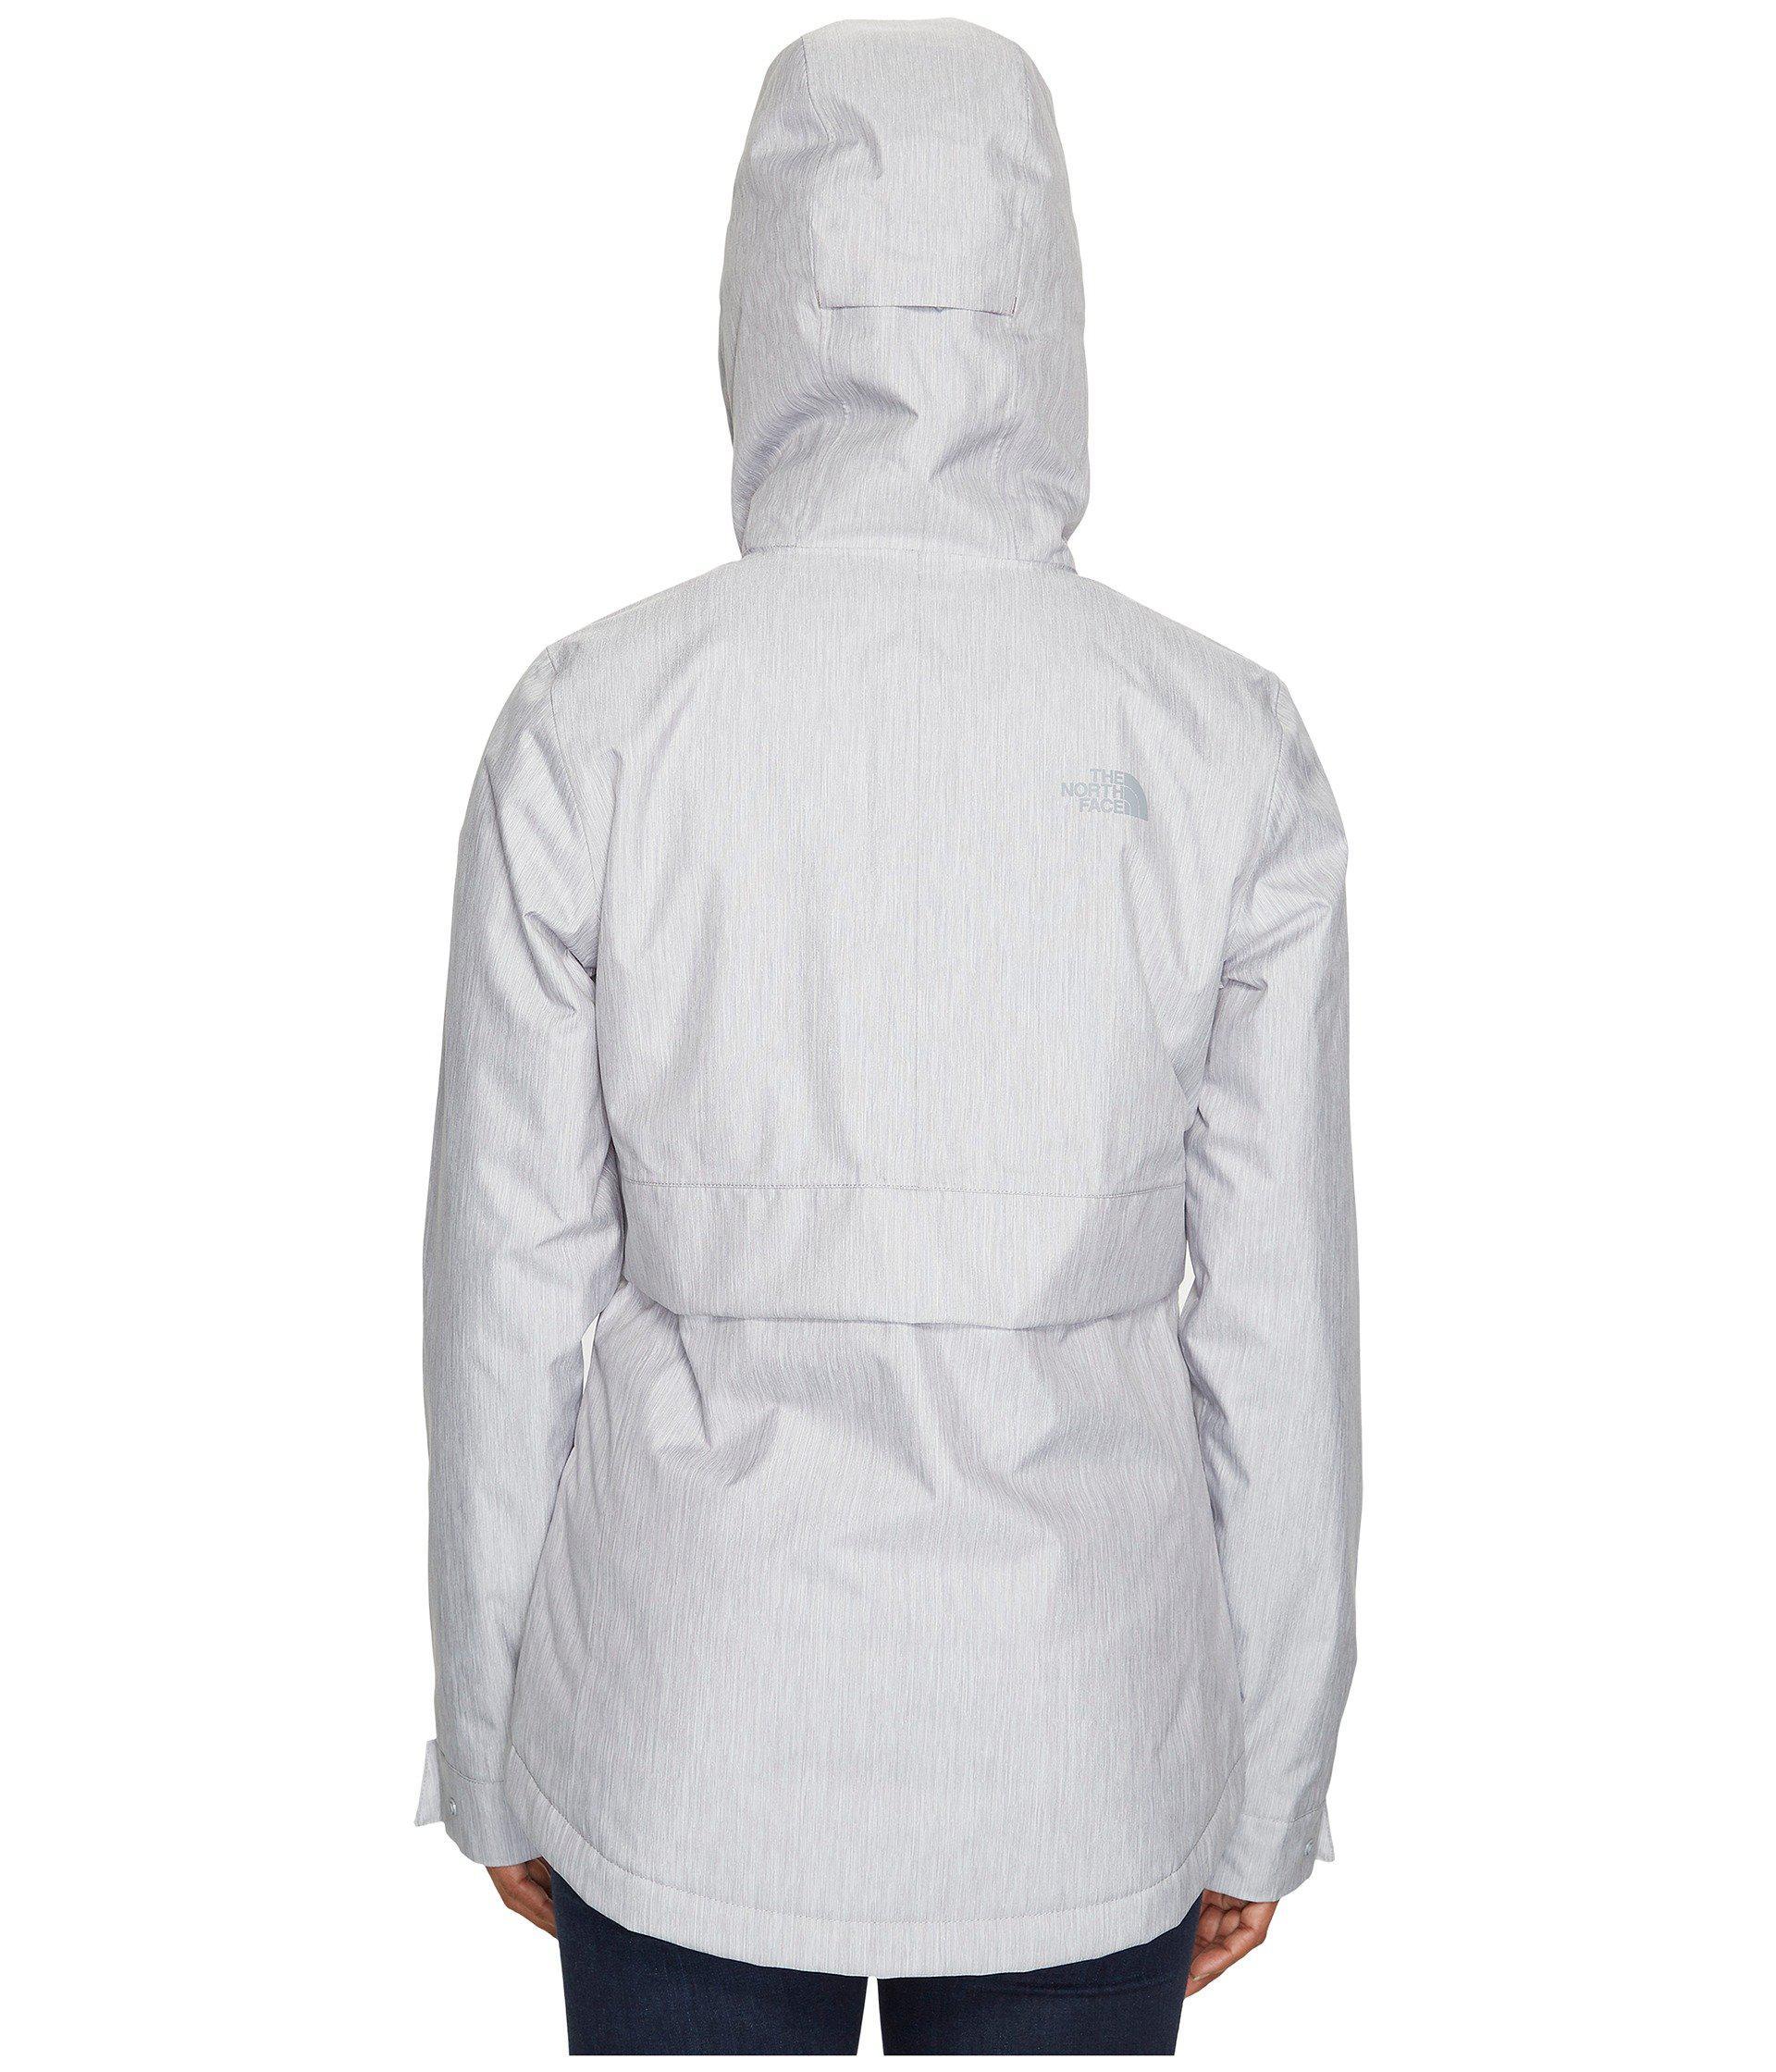 dfad541d023f The North Face - Gray Morialta Jacket - Lyst. View fullscreen